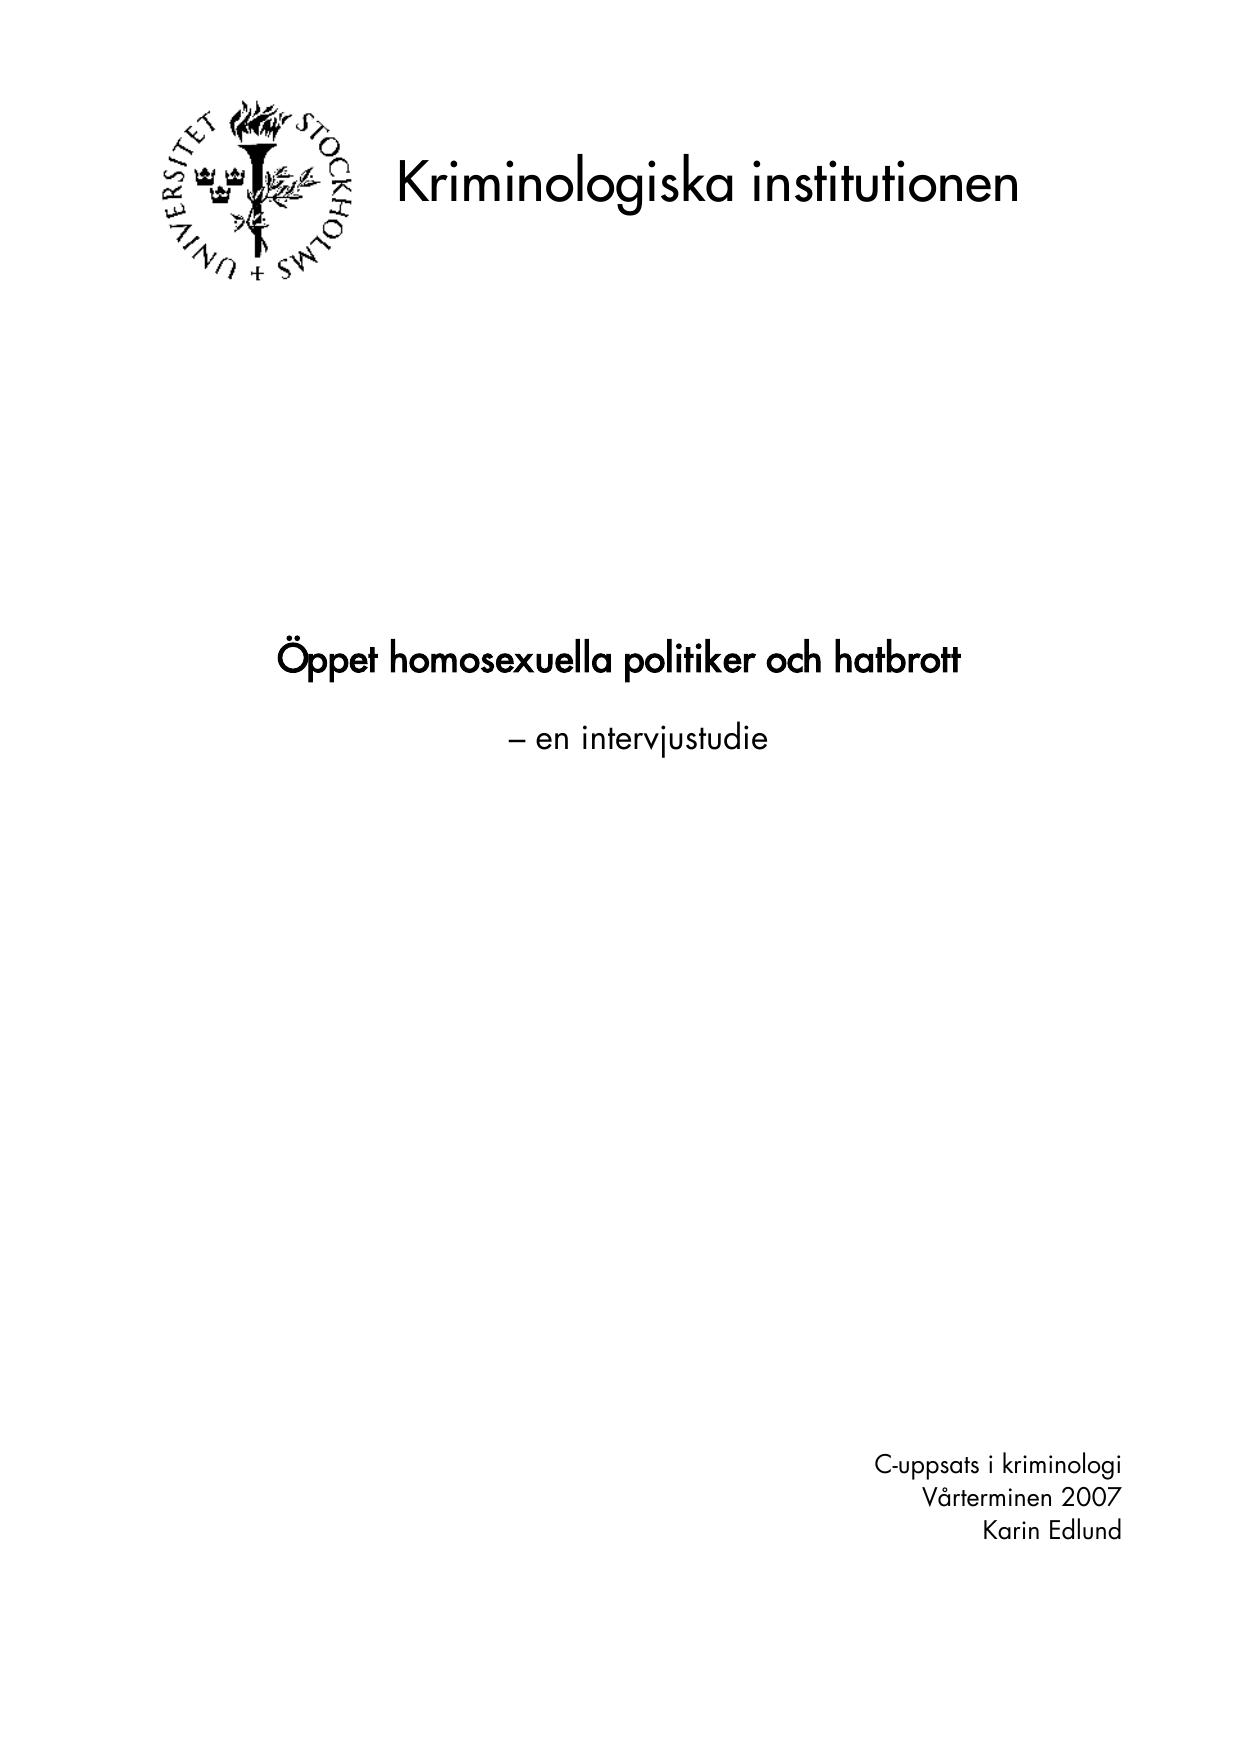 Etiskt problem homosexualitet